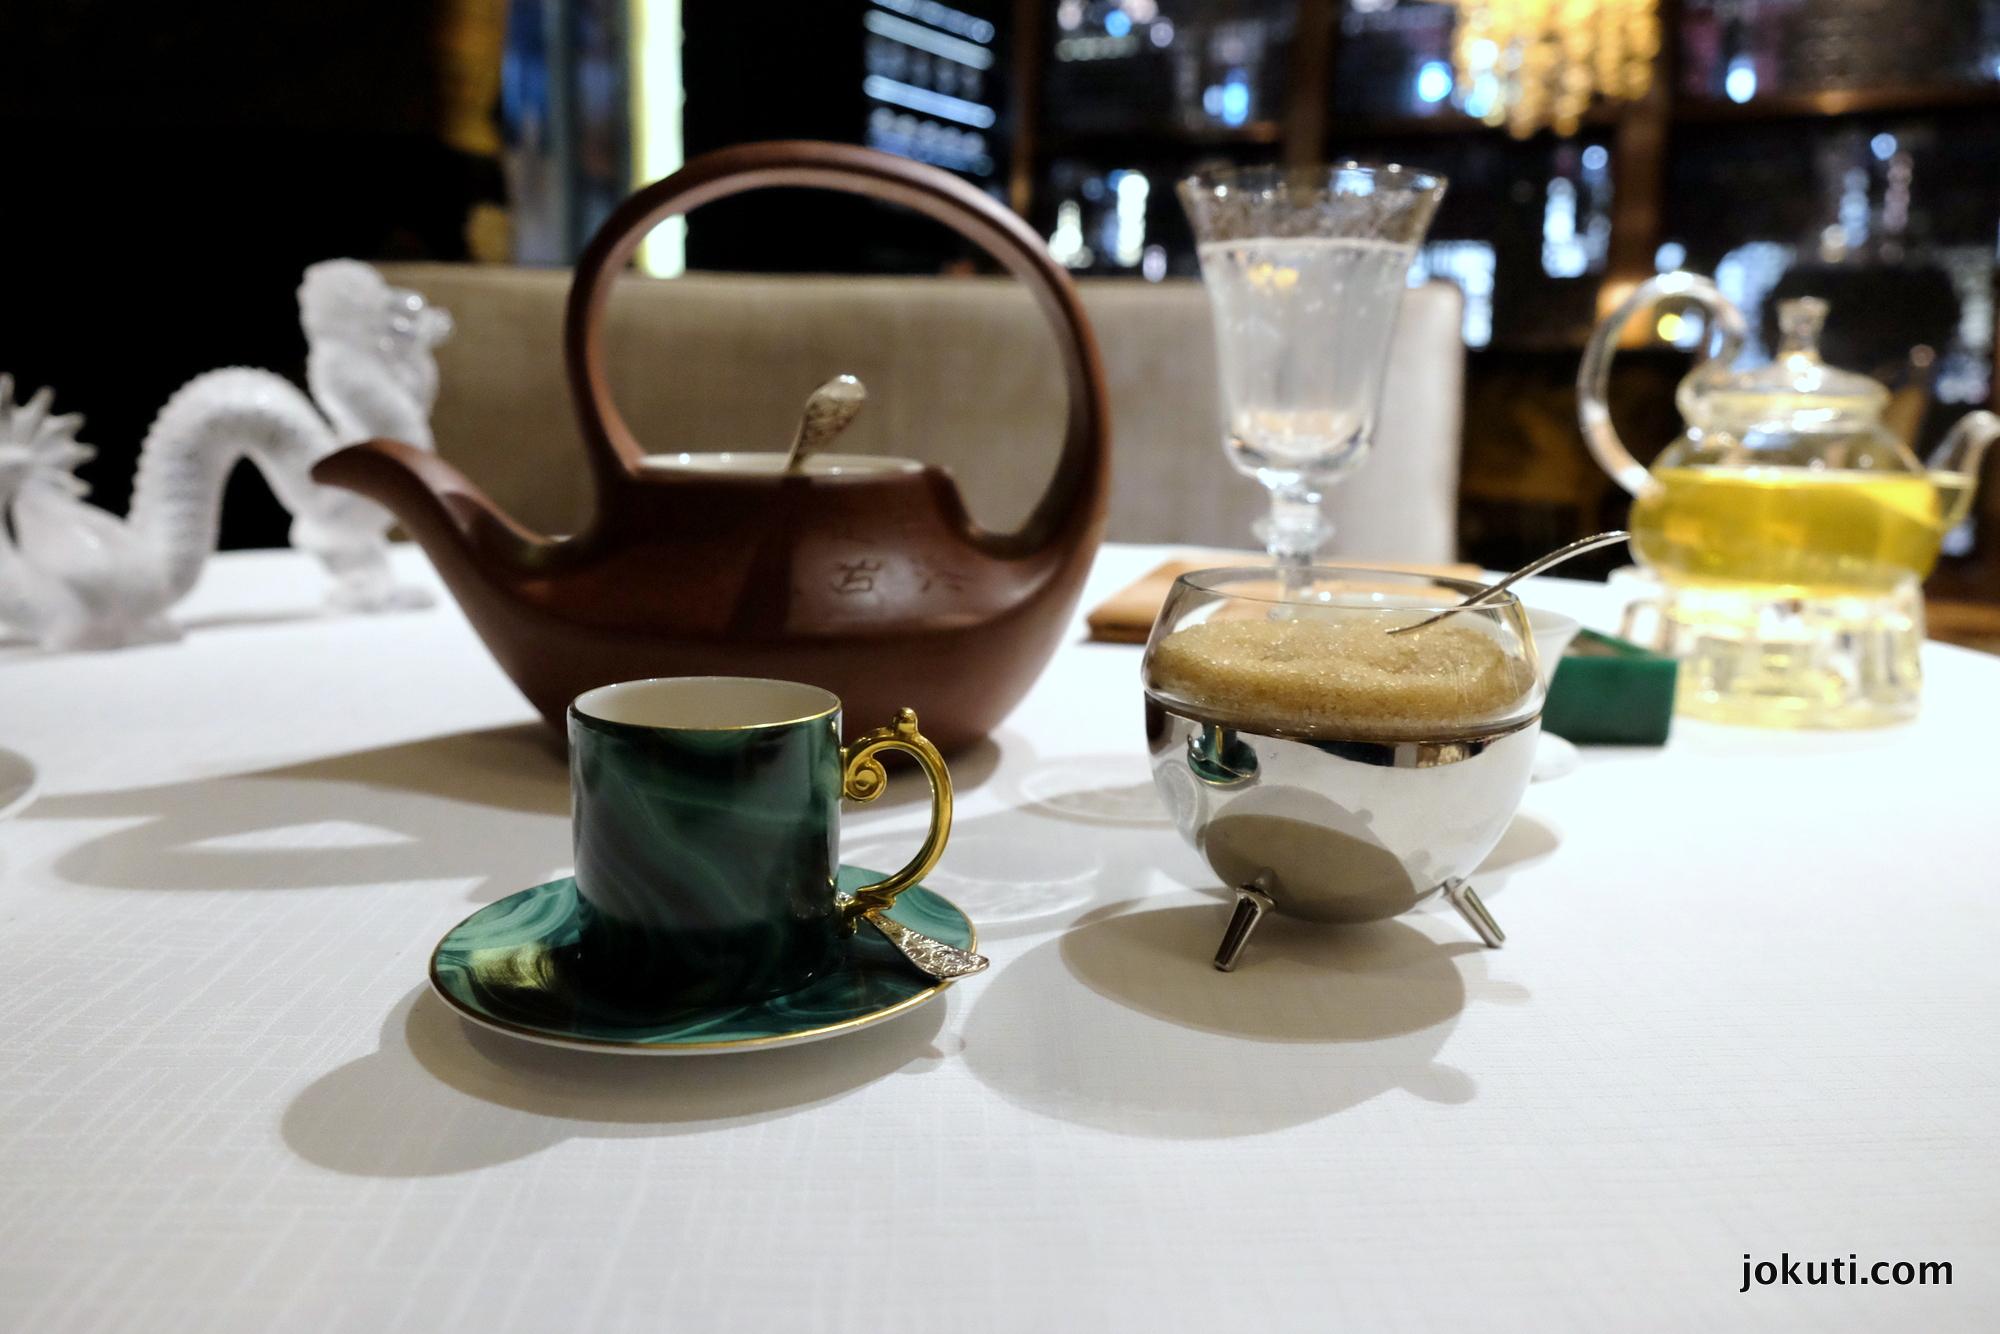 dscf6945_jade_dragon_restaurant_cantonese_chinese_michelin_macau_makao_china_kinai_vilagevo_jokuti.jpg